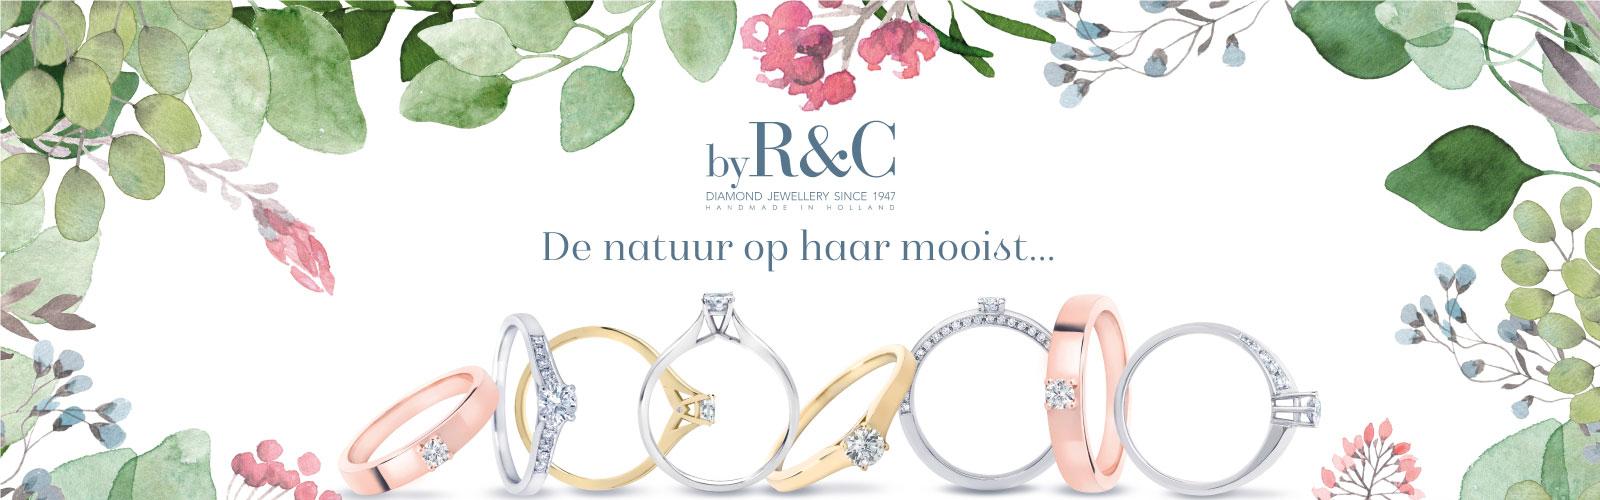 R&C-sieraden-groeibriljant-kopen-bij-Wolters-Juweliers-Coevorden-Emmen